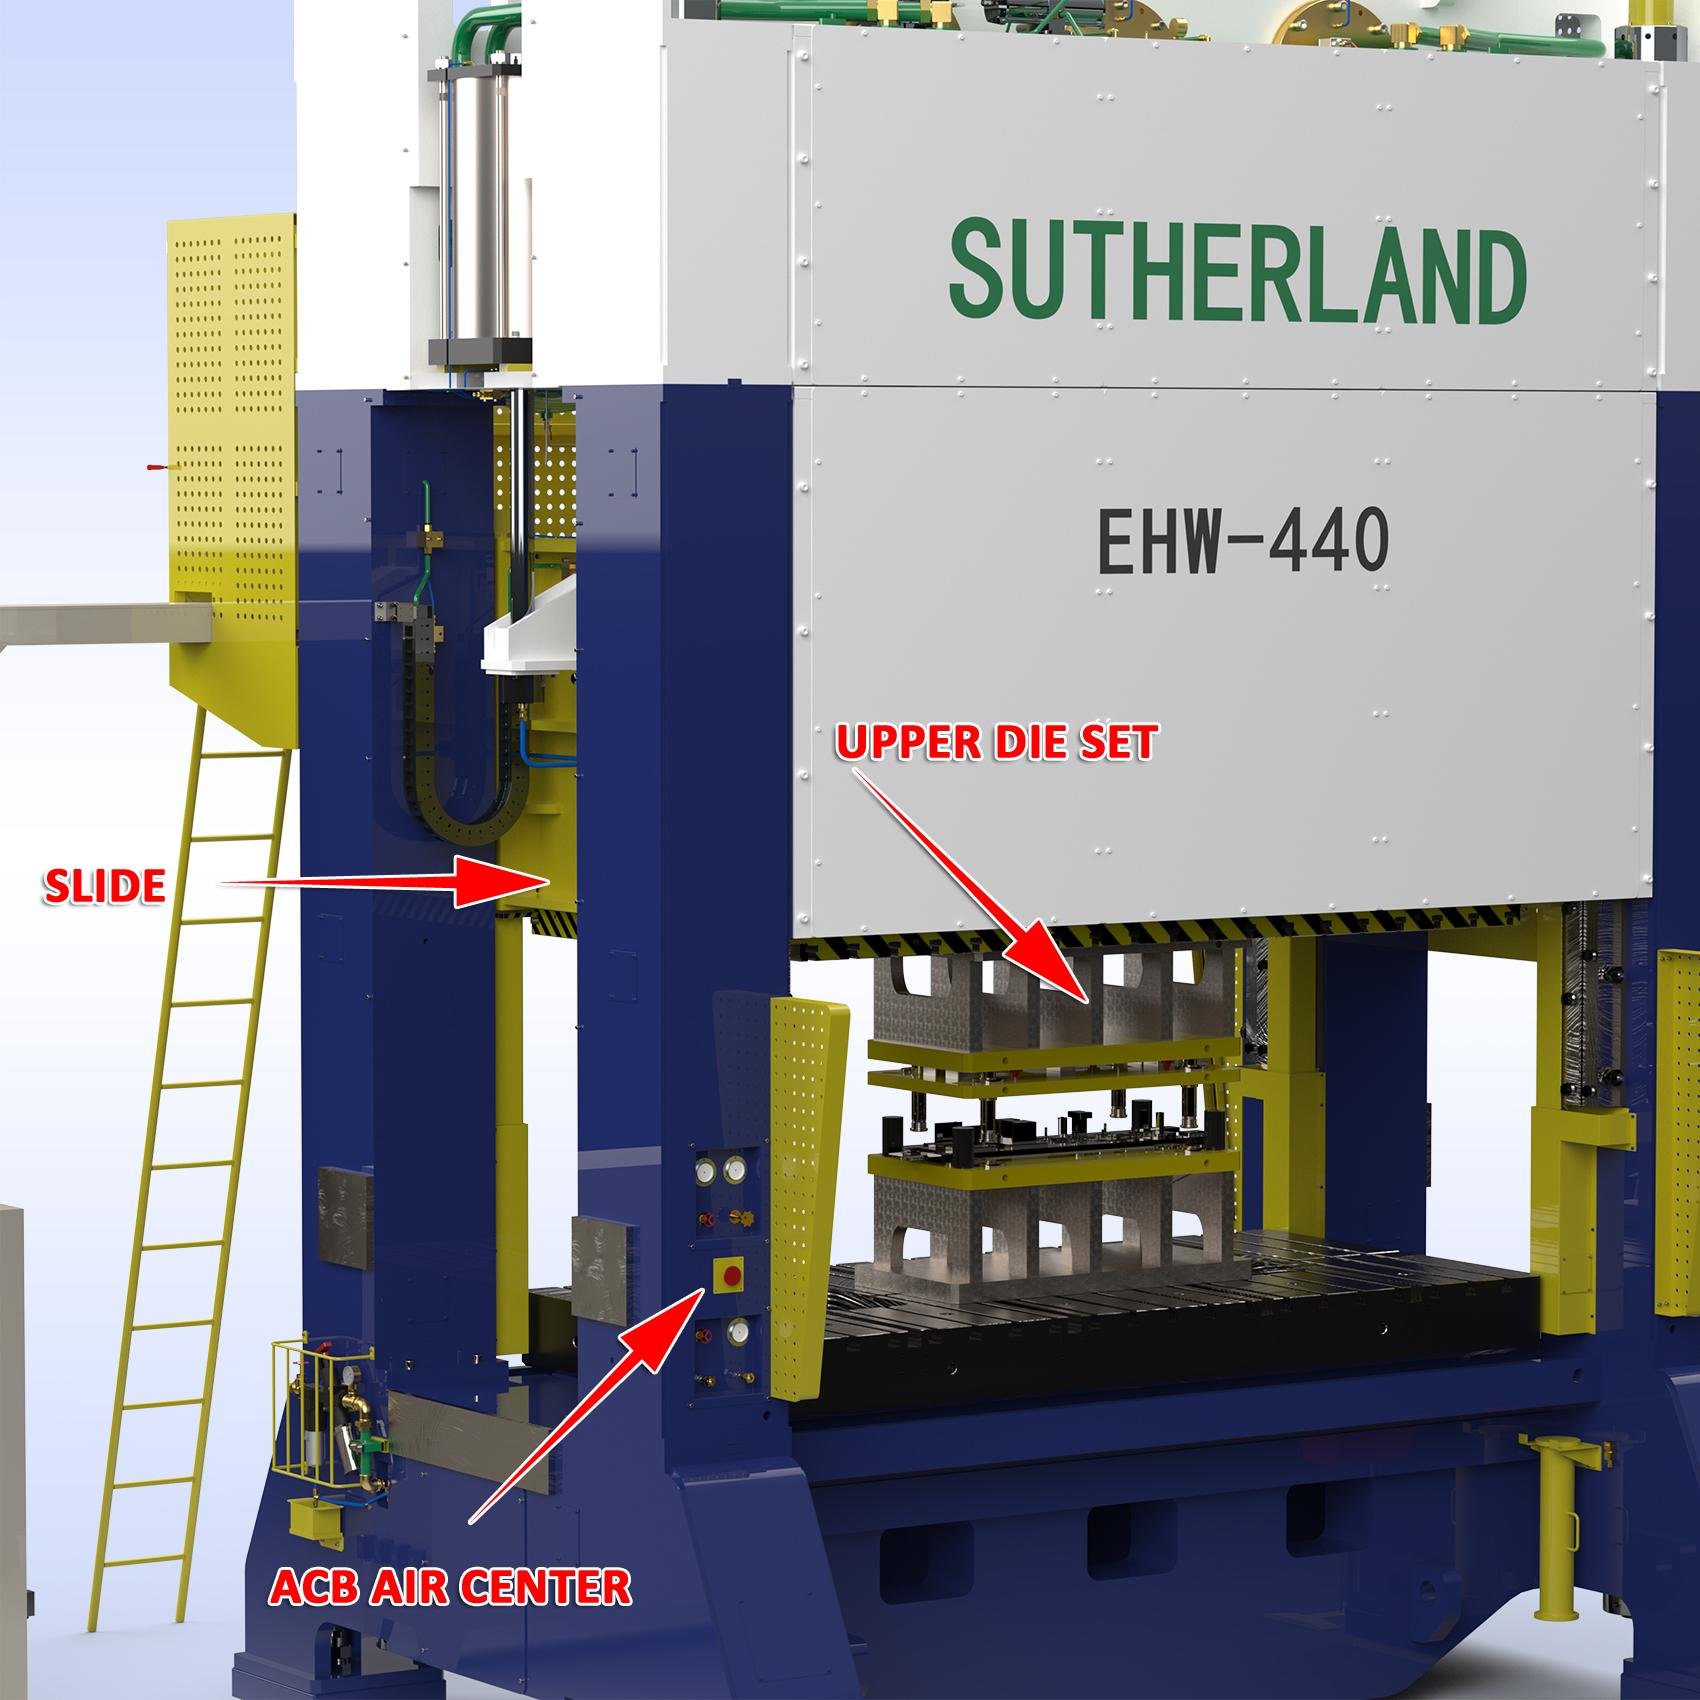 Sample slide, upper die weight & ACB air center